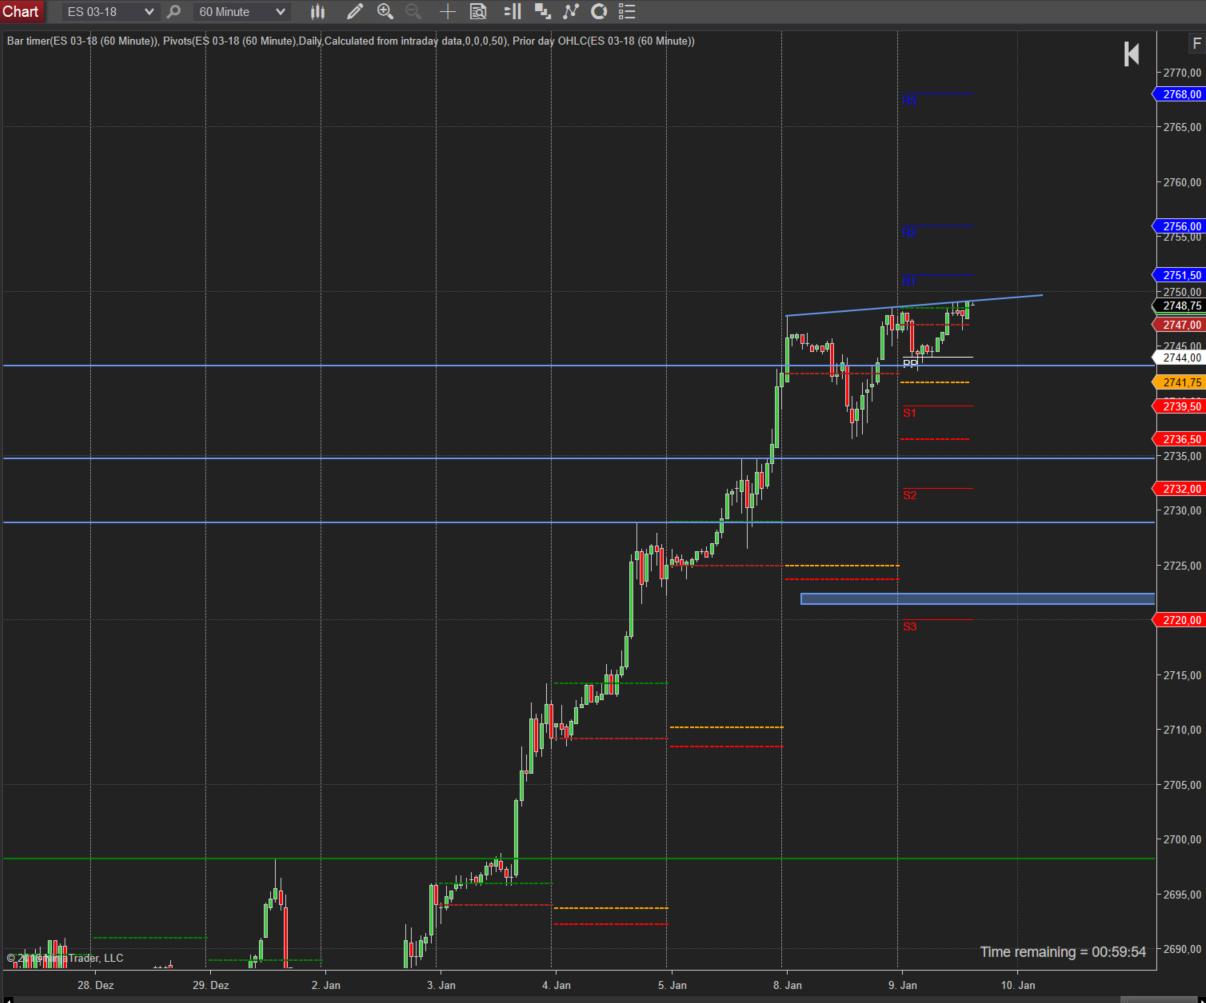 Trading im SP500 -weiterhin Trendstärke vorhanden